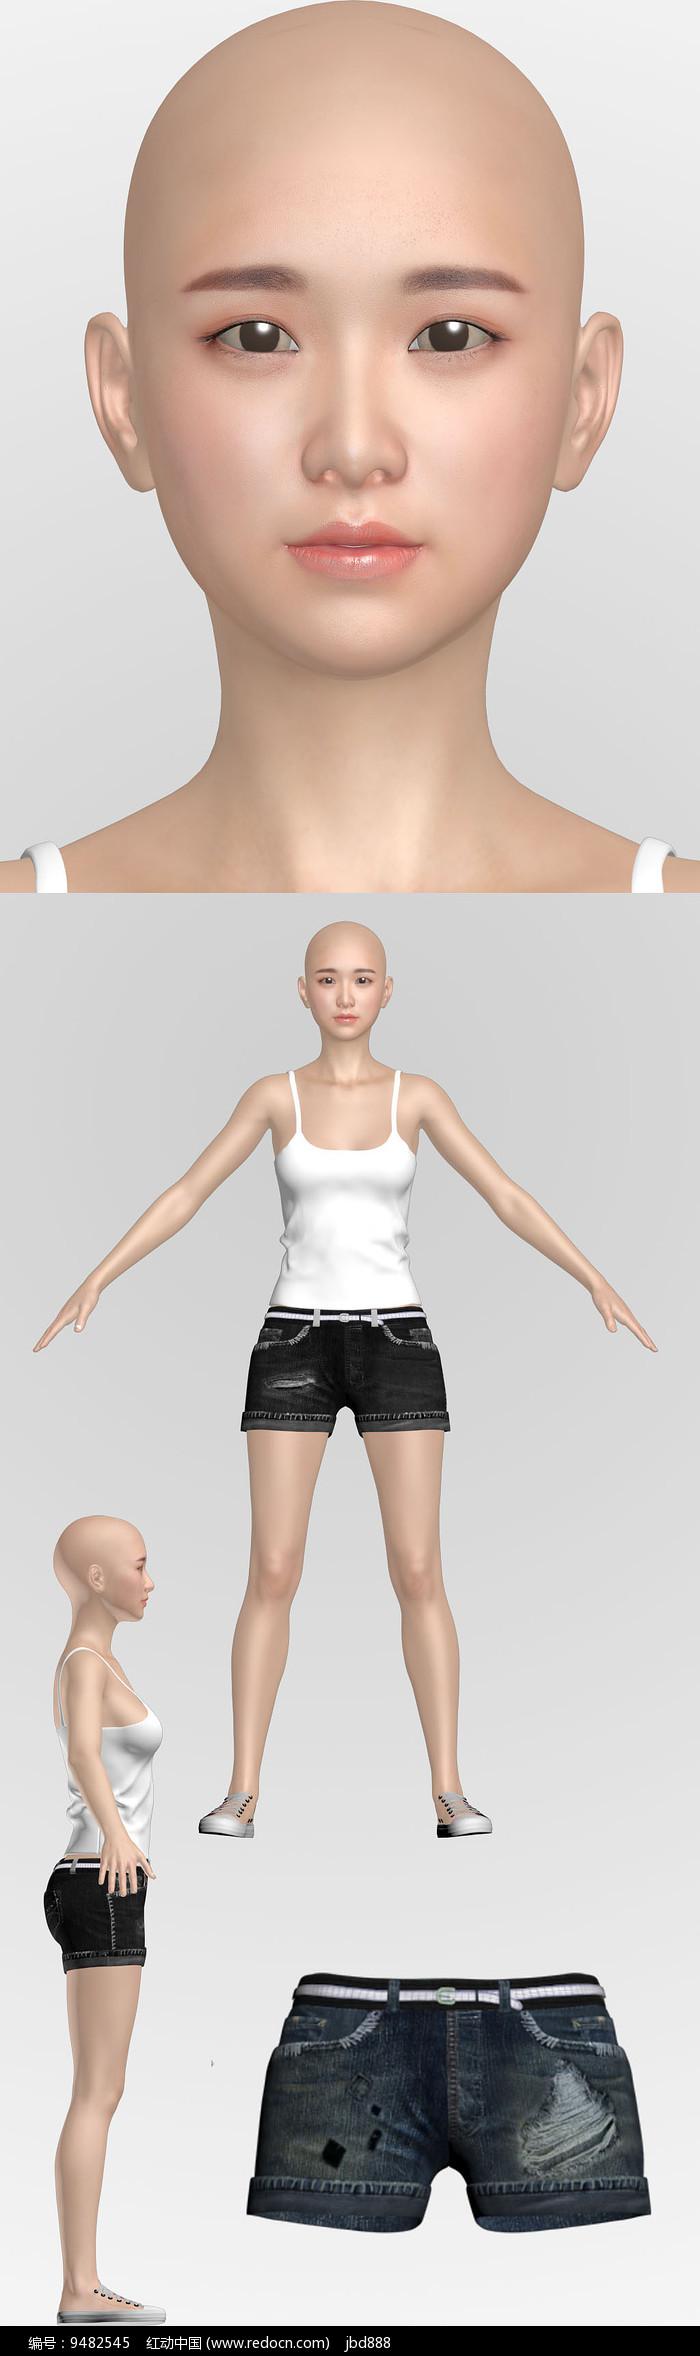 3dmax模型美女Ynlin图片